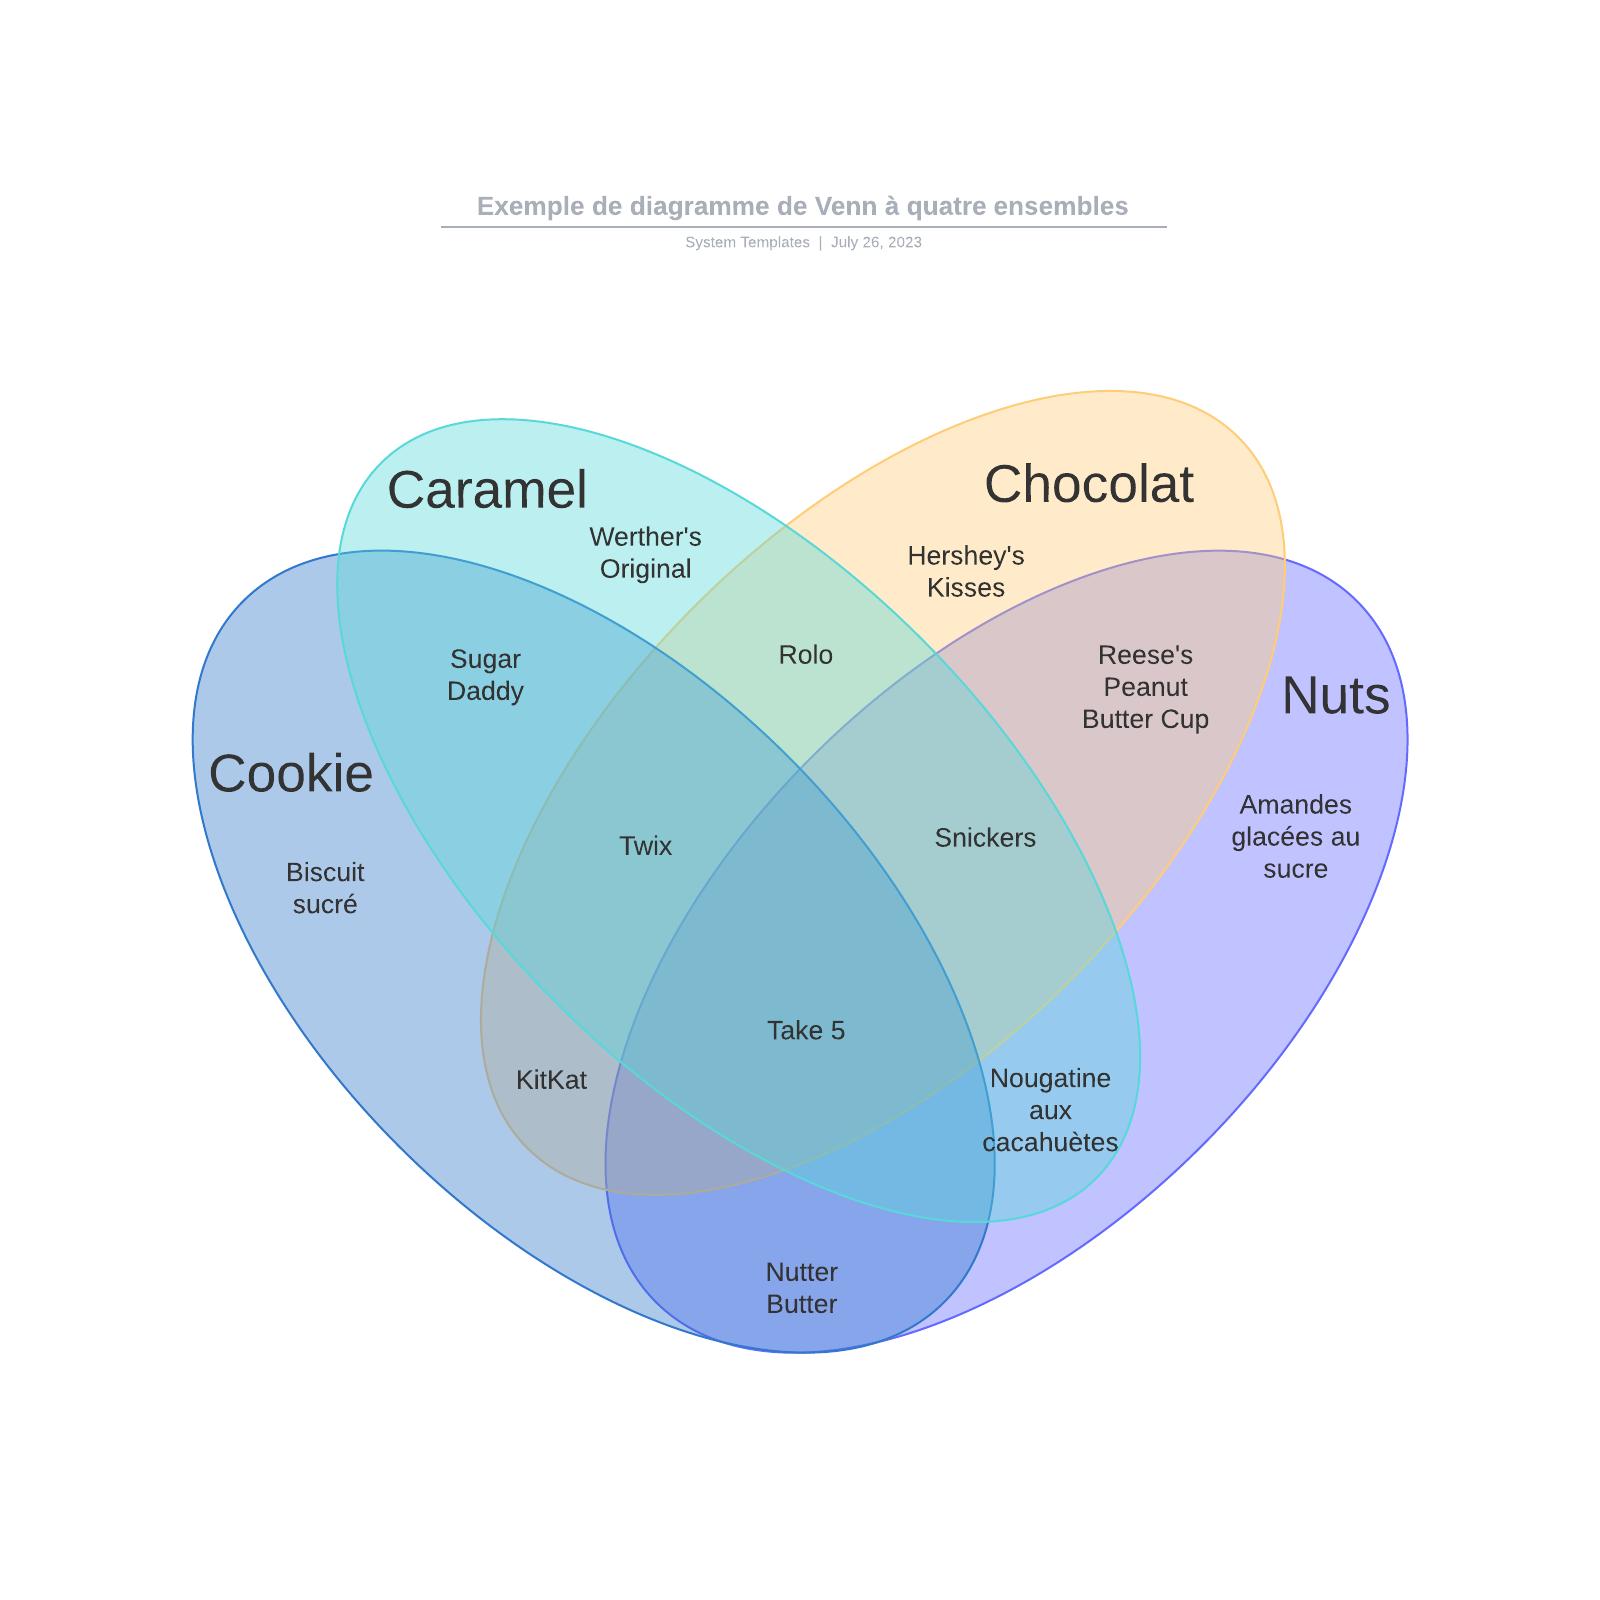 exemple de diagramme de Venn à quatre ensembles